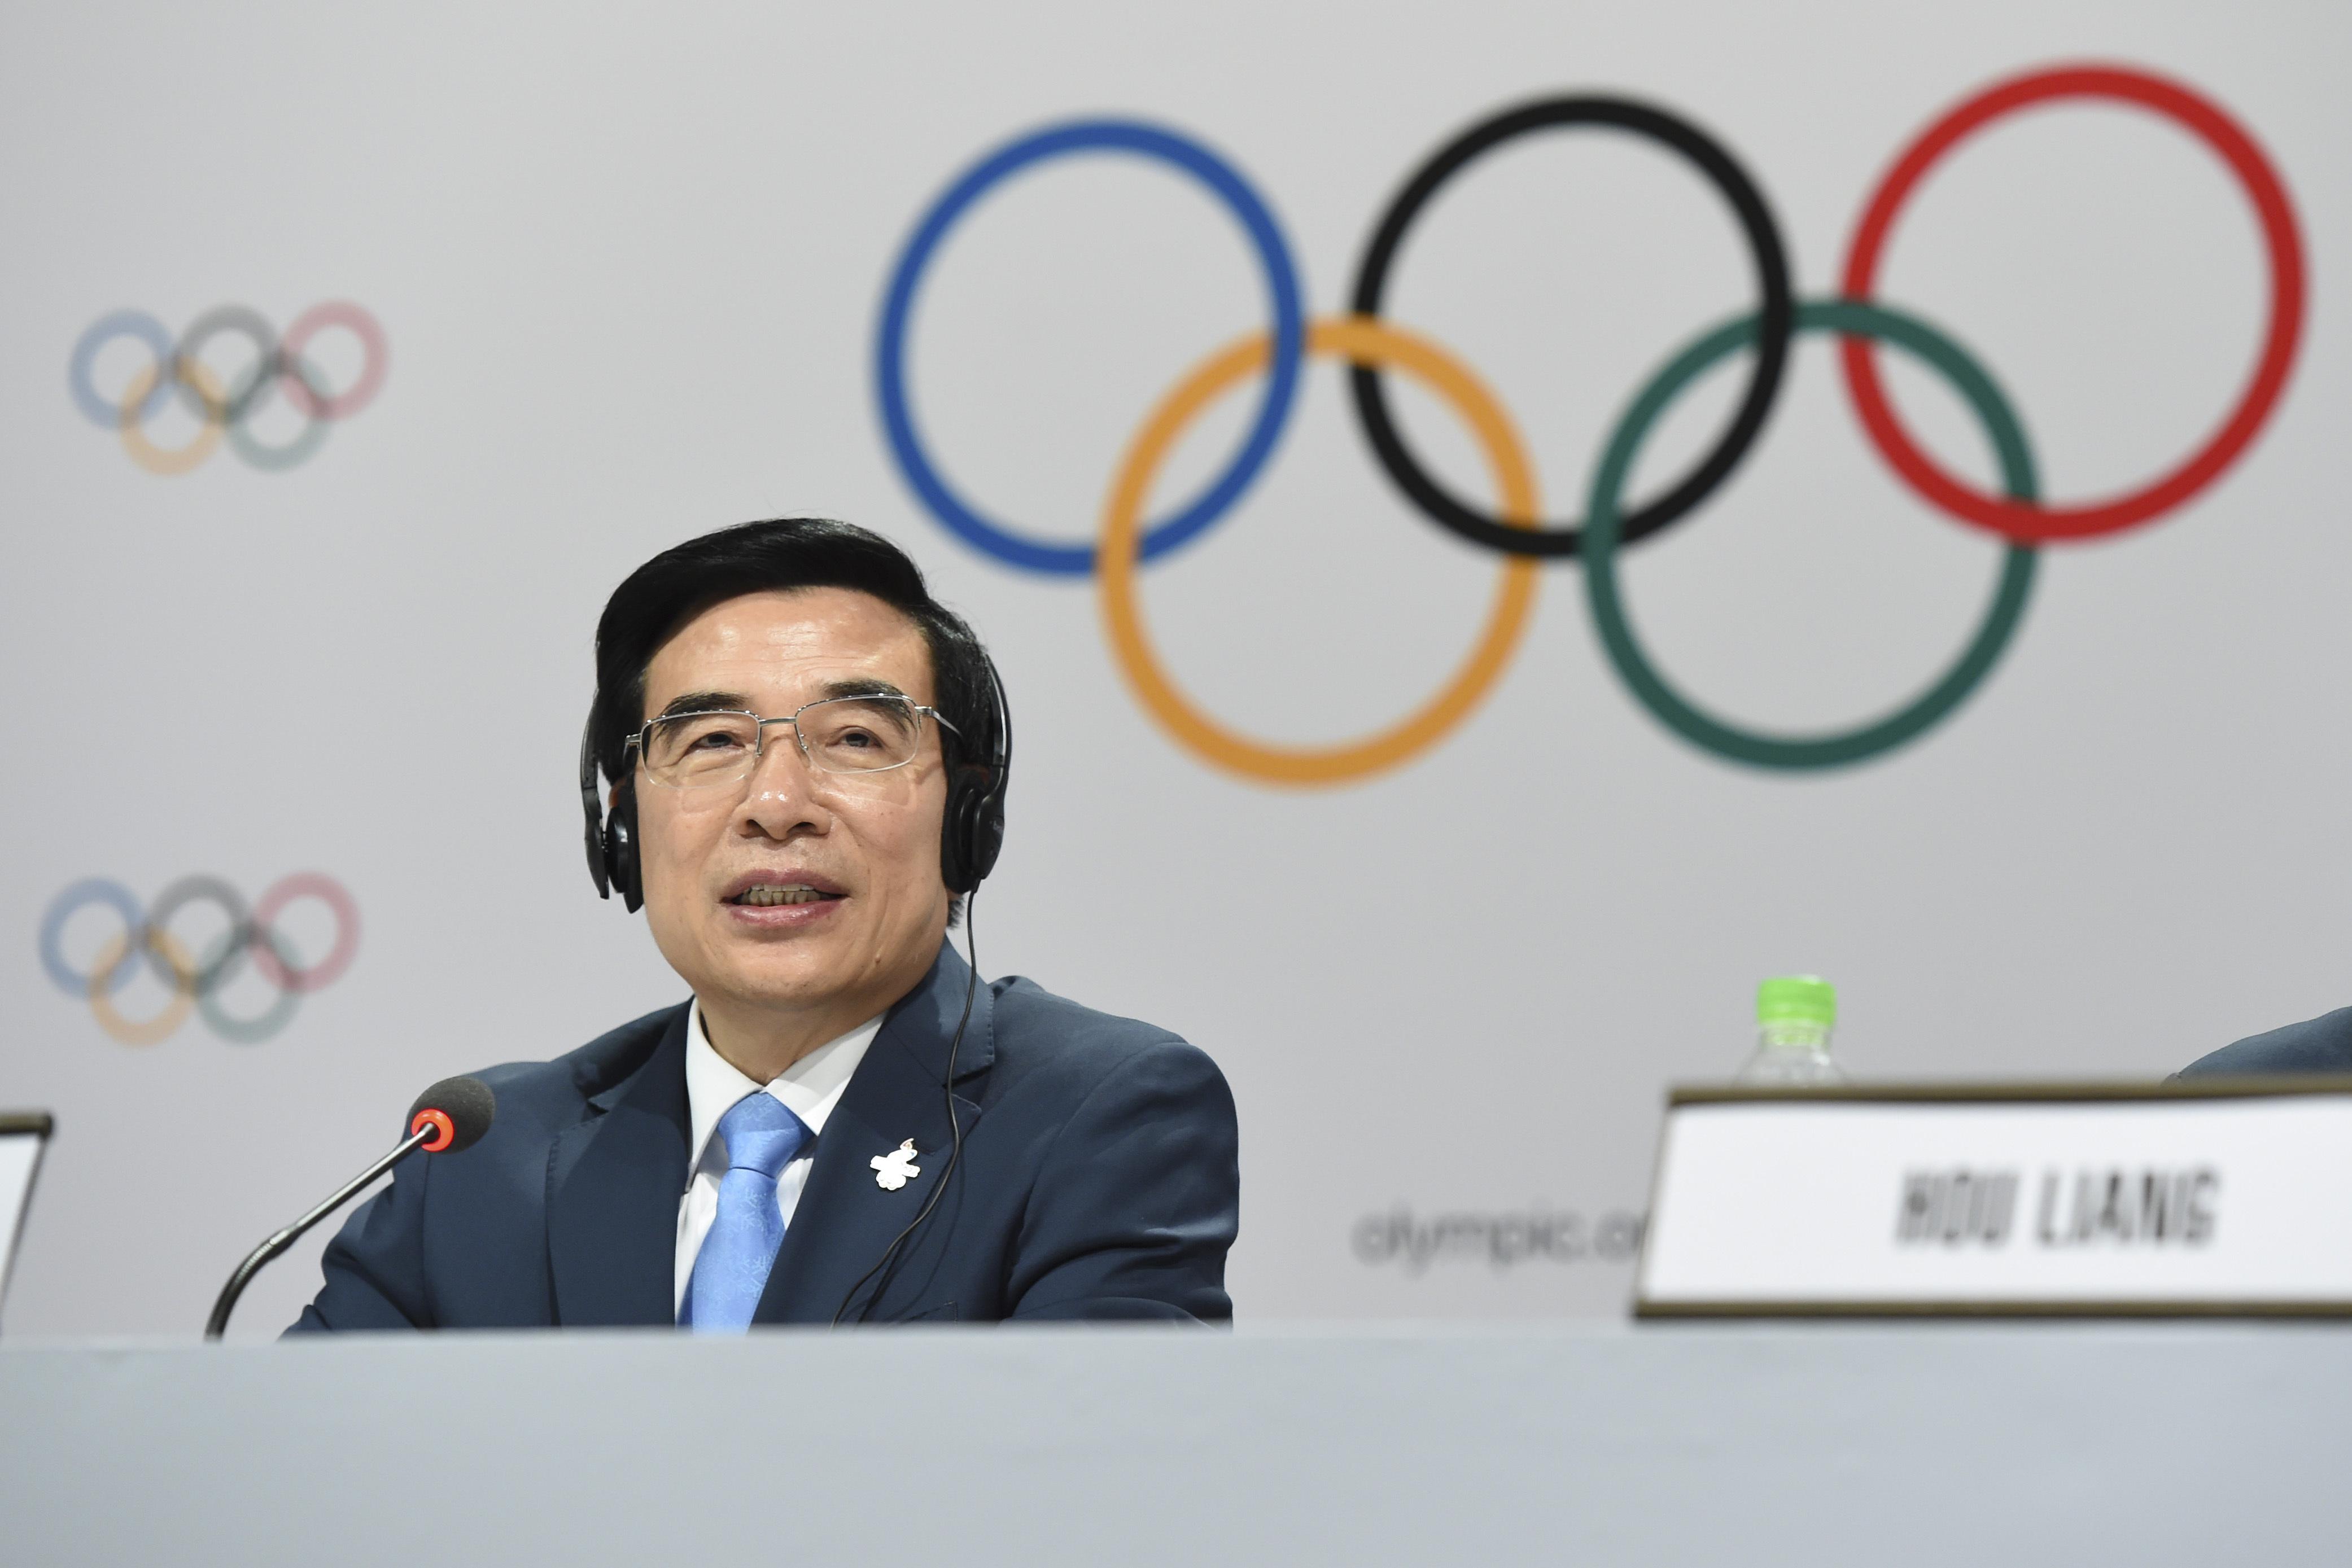 Beijings borgmester Wang Anshun